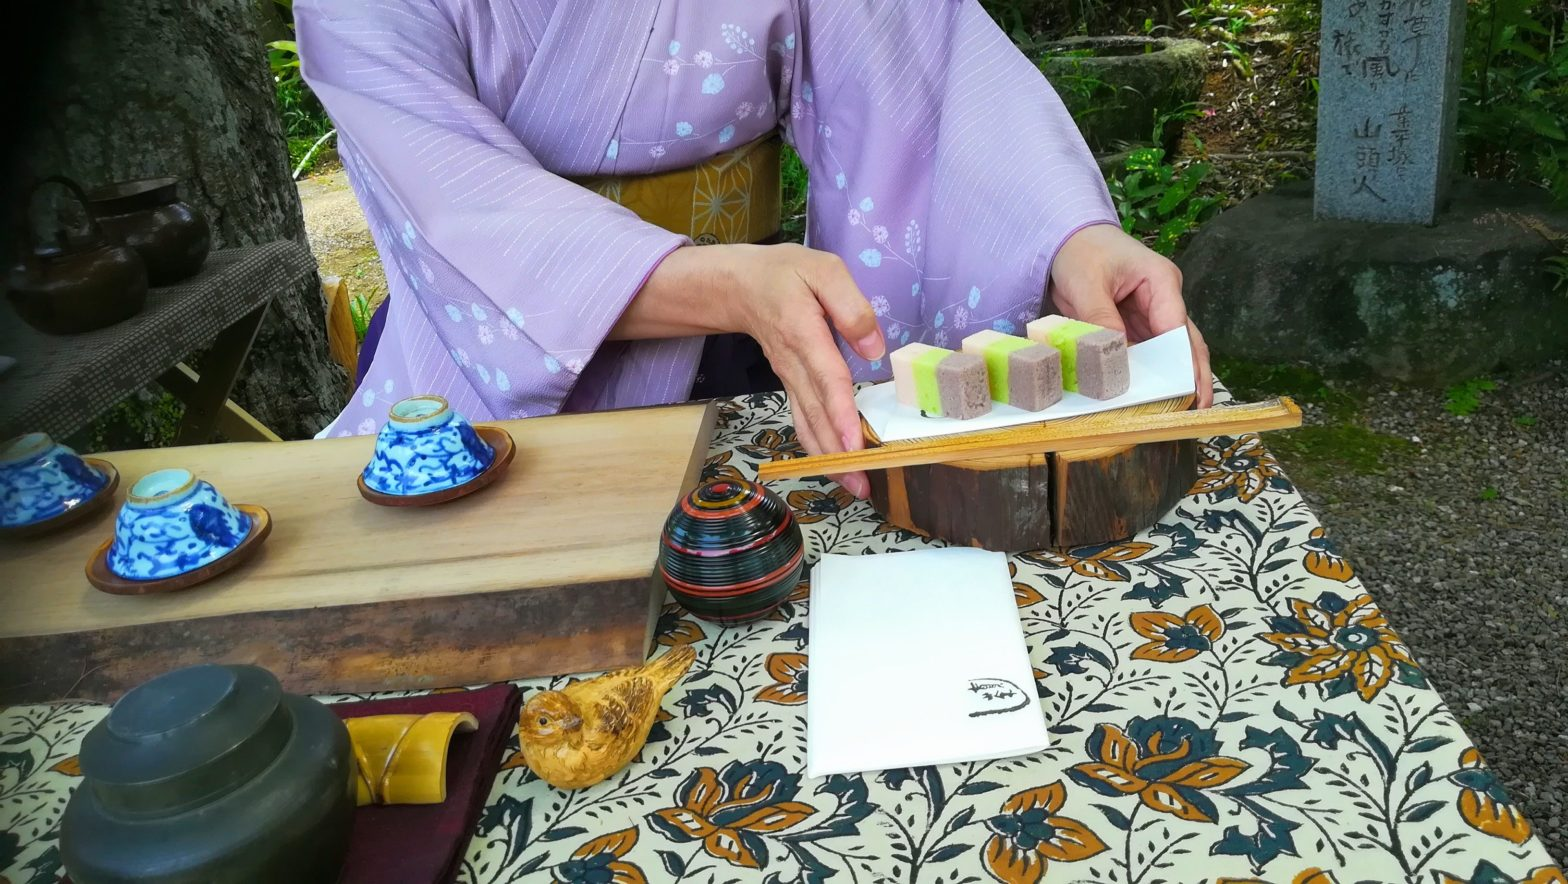 在原寺での一人茶会へ: 知立八橋の旧鎌倉街道沿い